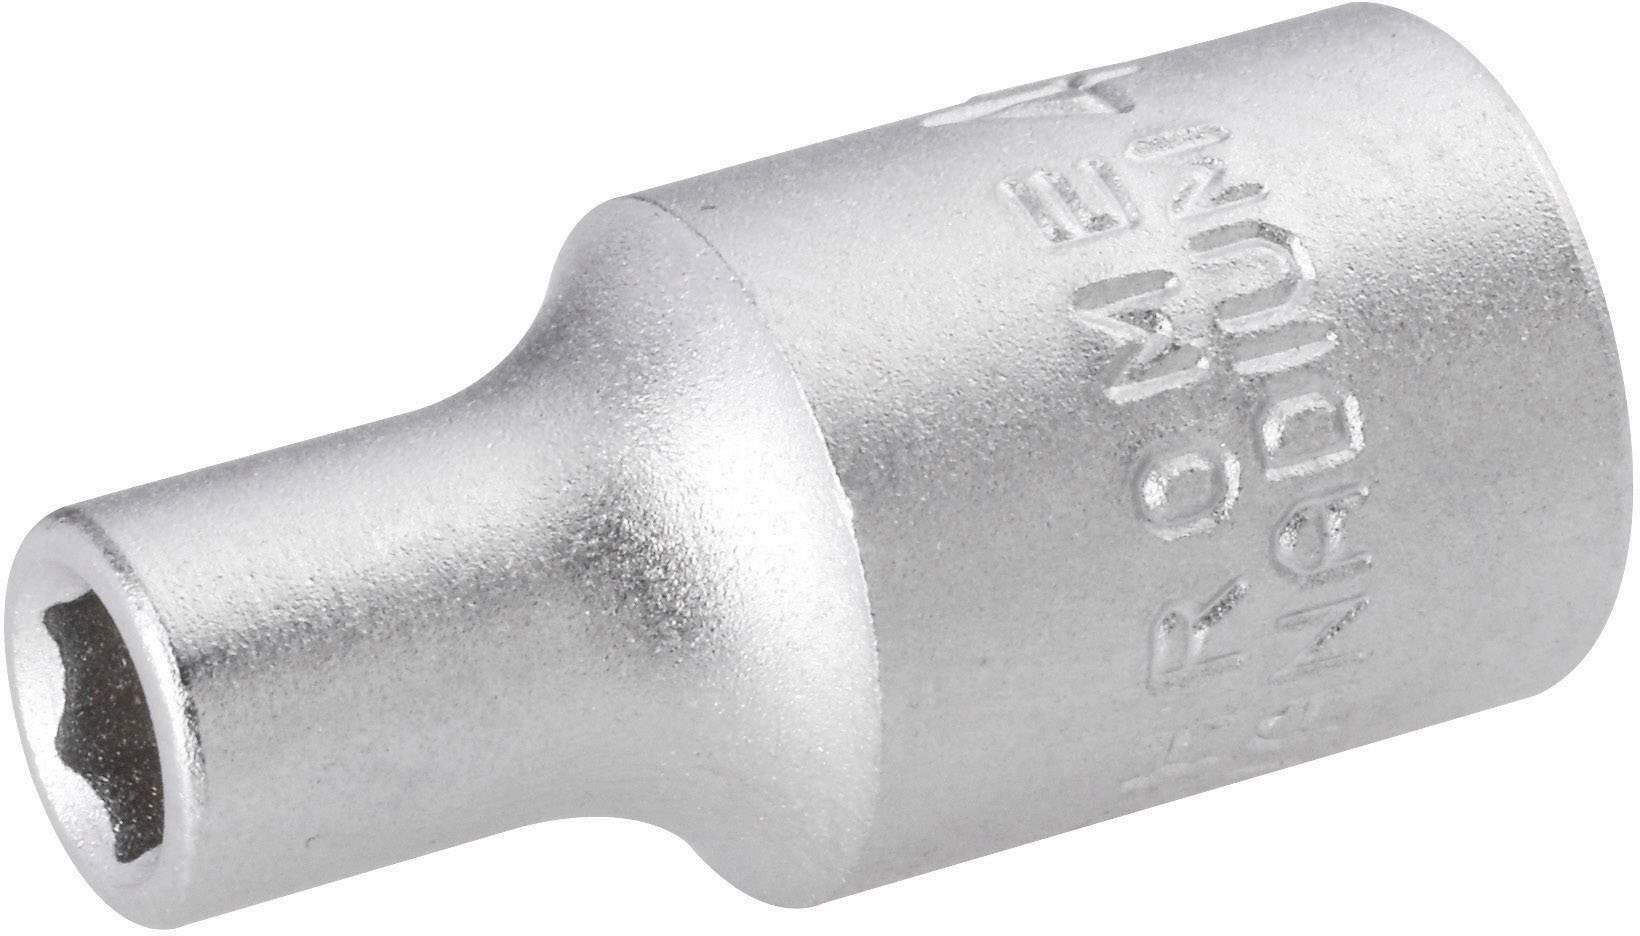 """Nástavec pro ráčnu TOOLCRAFT 820752, vnější šestihran, 1/4"""" (6,3 mm), 12 mm, chrom-vanadová ocel"""